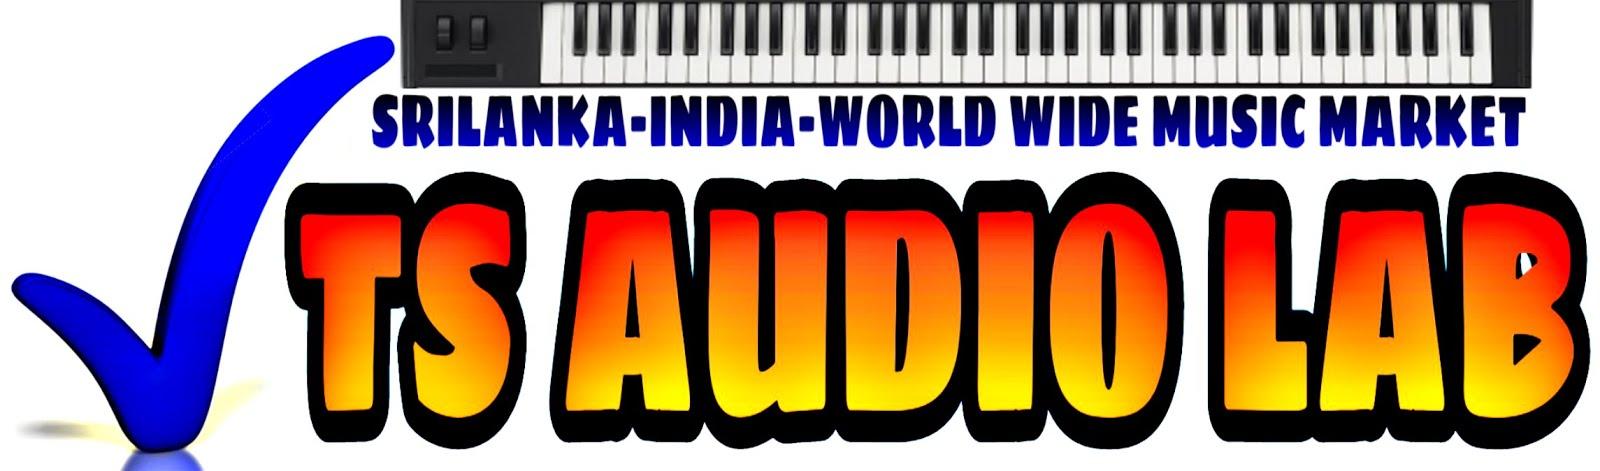 TS Audio Lab Yamaha Keyboard Styles Beats for Sinhala Tamil Hindi